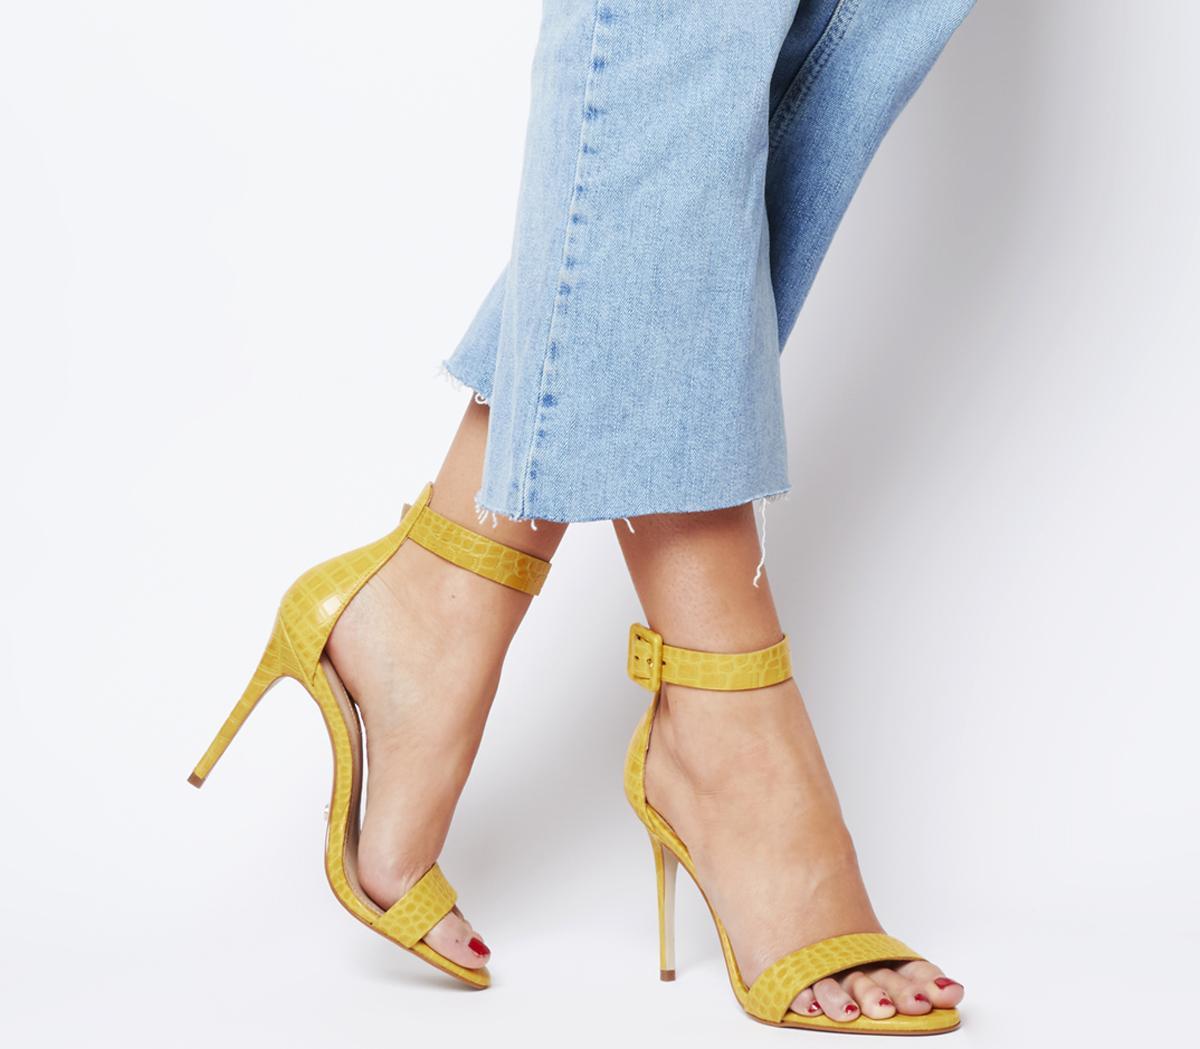 Heart Two Part Sandal Heels